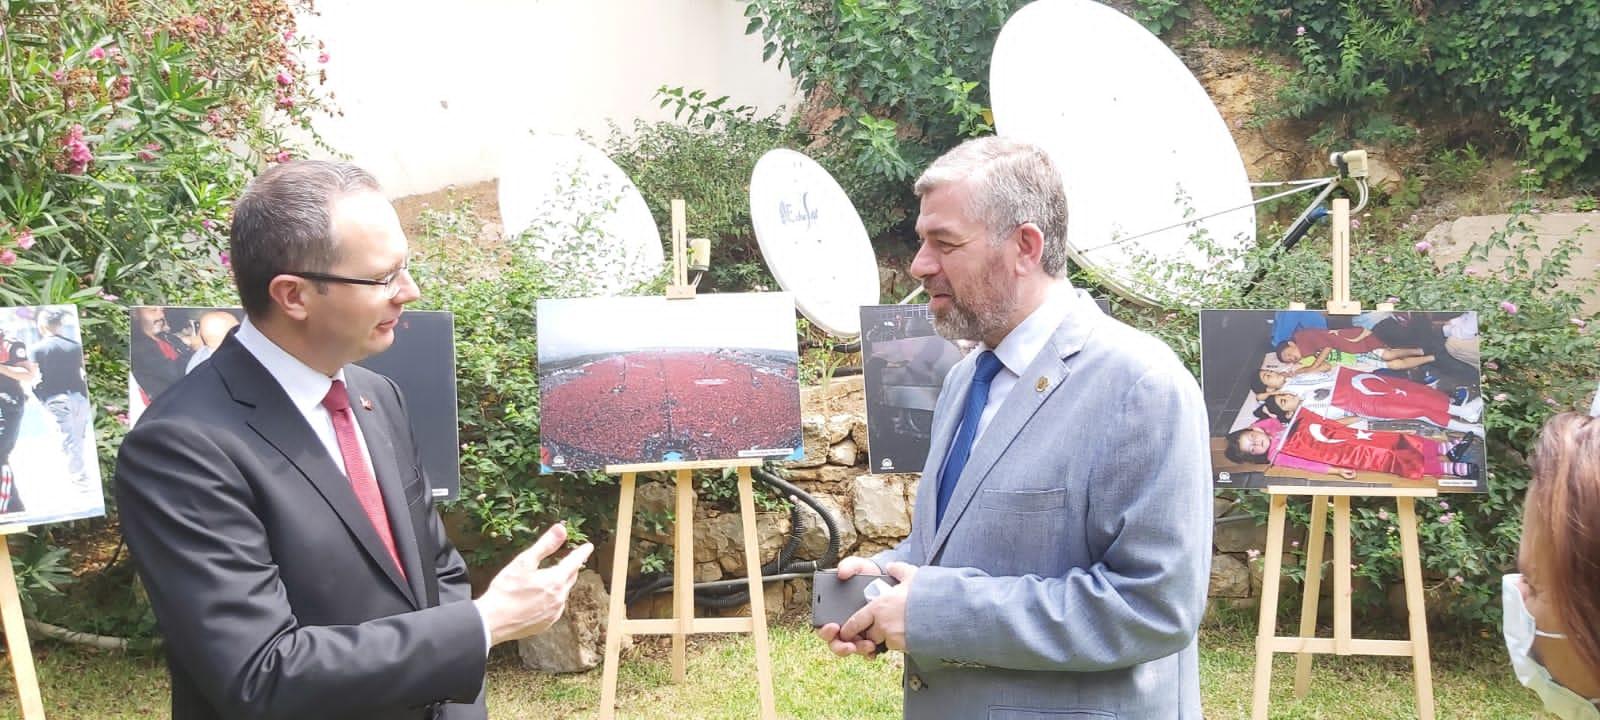 رئيس جامعة طرابلس مشاركا في حفل السفارة التركية (5/6)